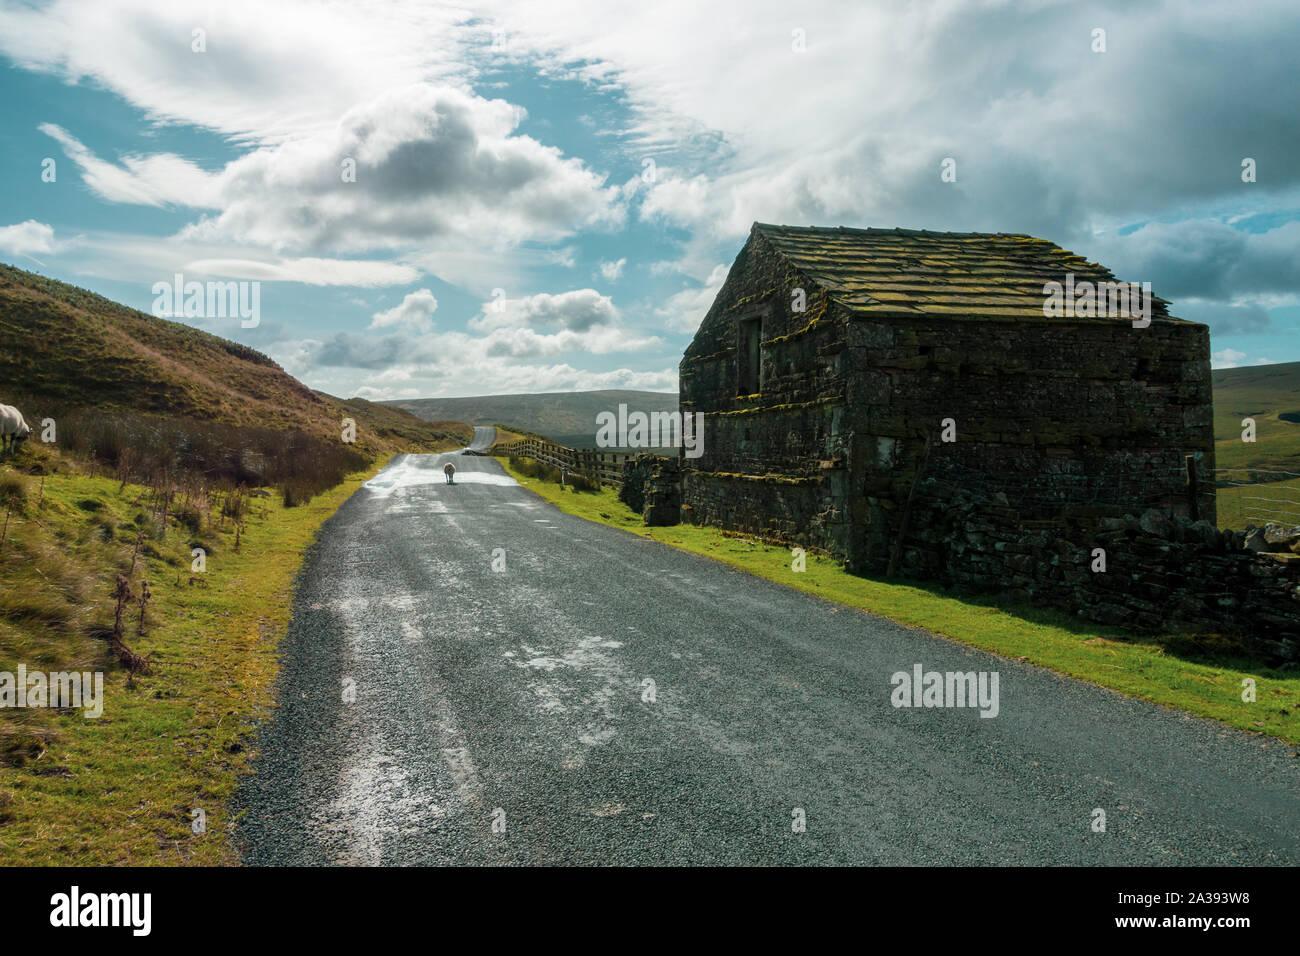 Il vecchio fienile e le pecore in strada a Birkdale in Swaledale superiore sulla B6270 sopra Nateby, Yorkshire Dales Foto Stock